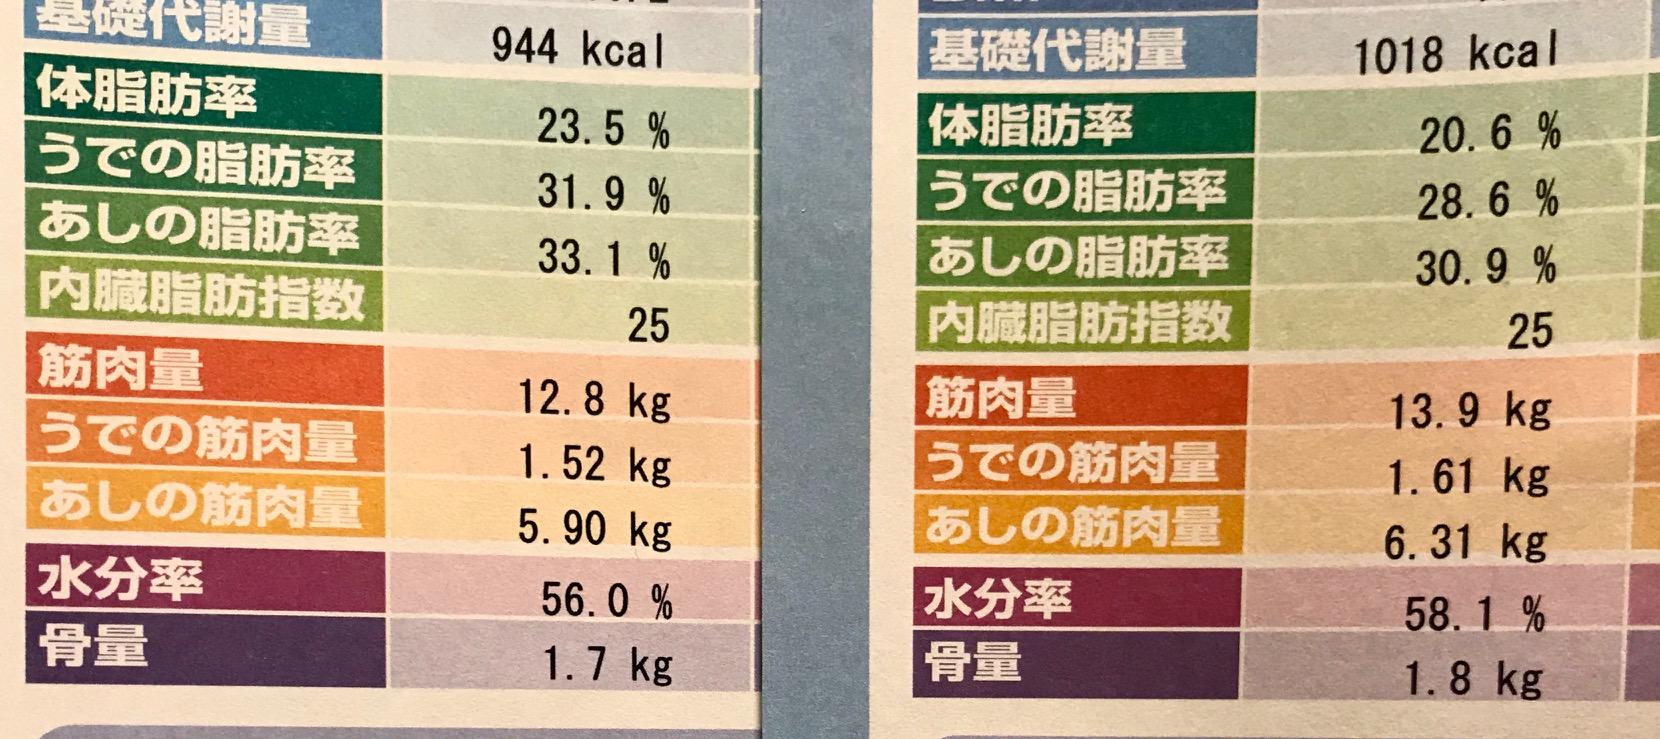 計測結果の比較